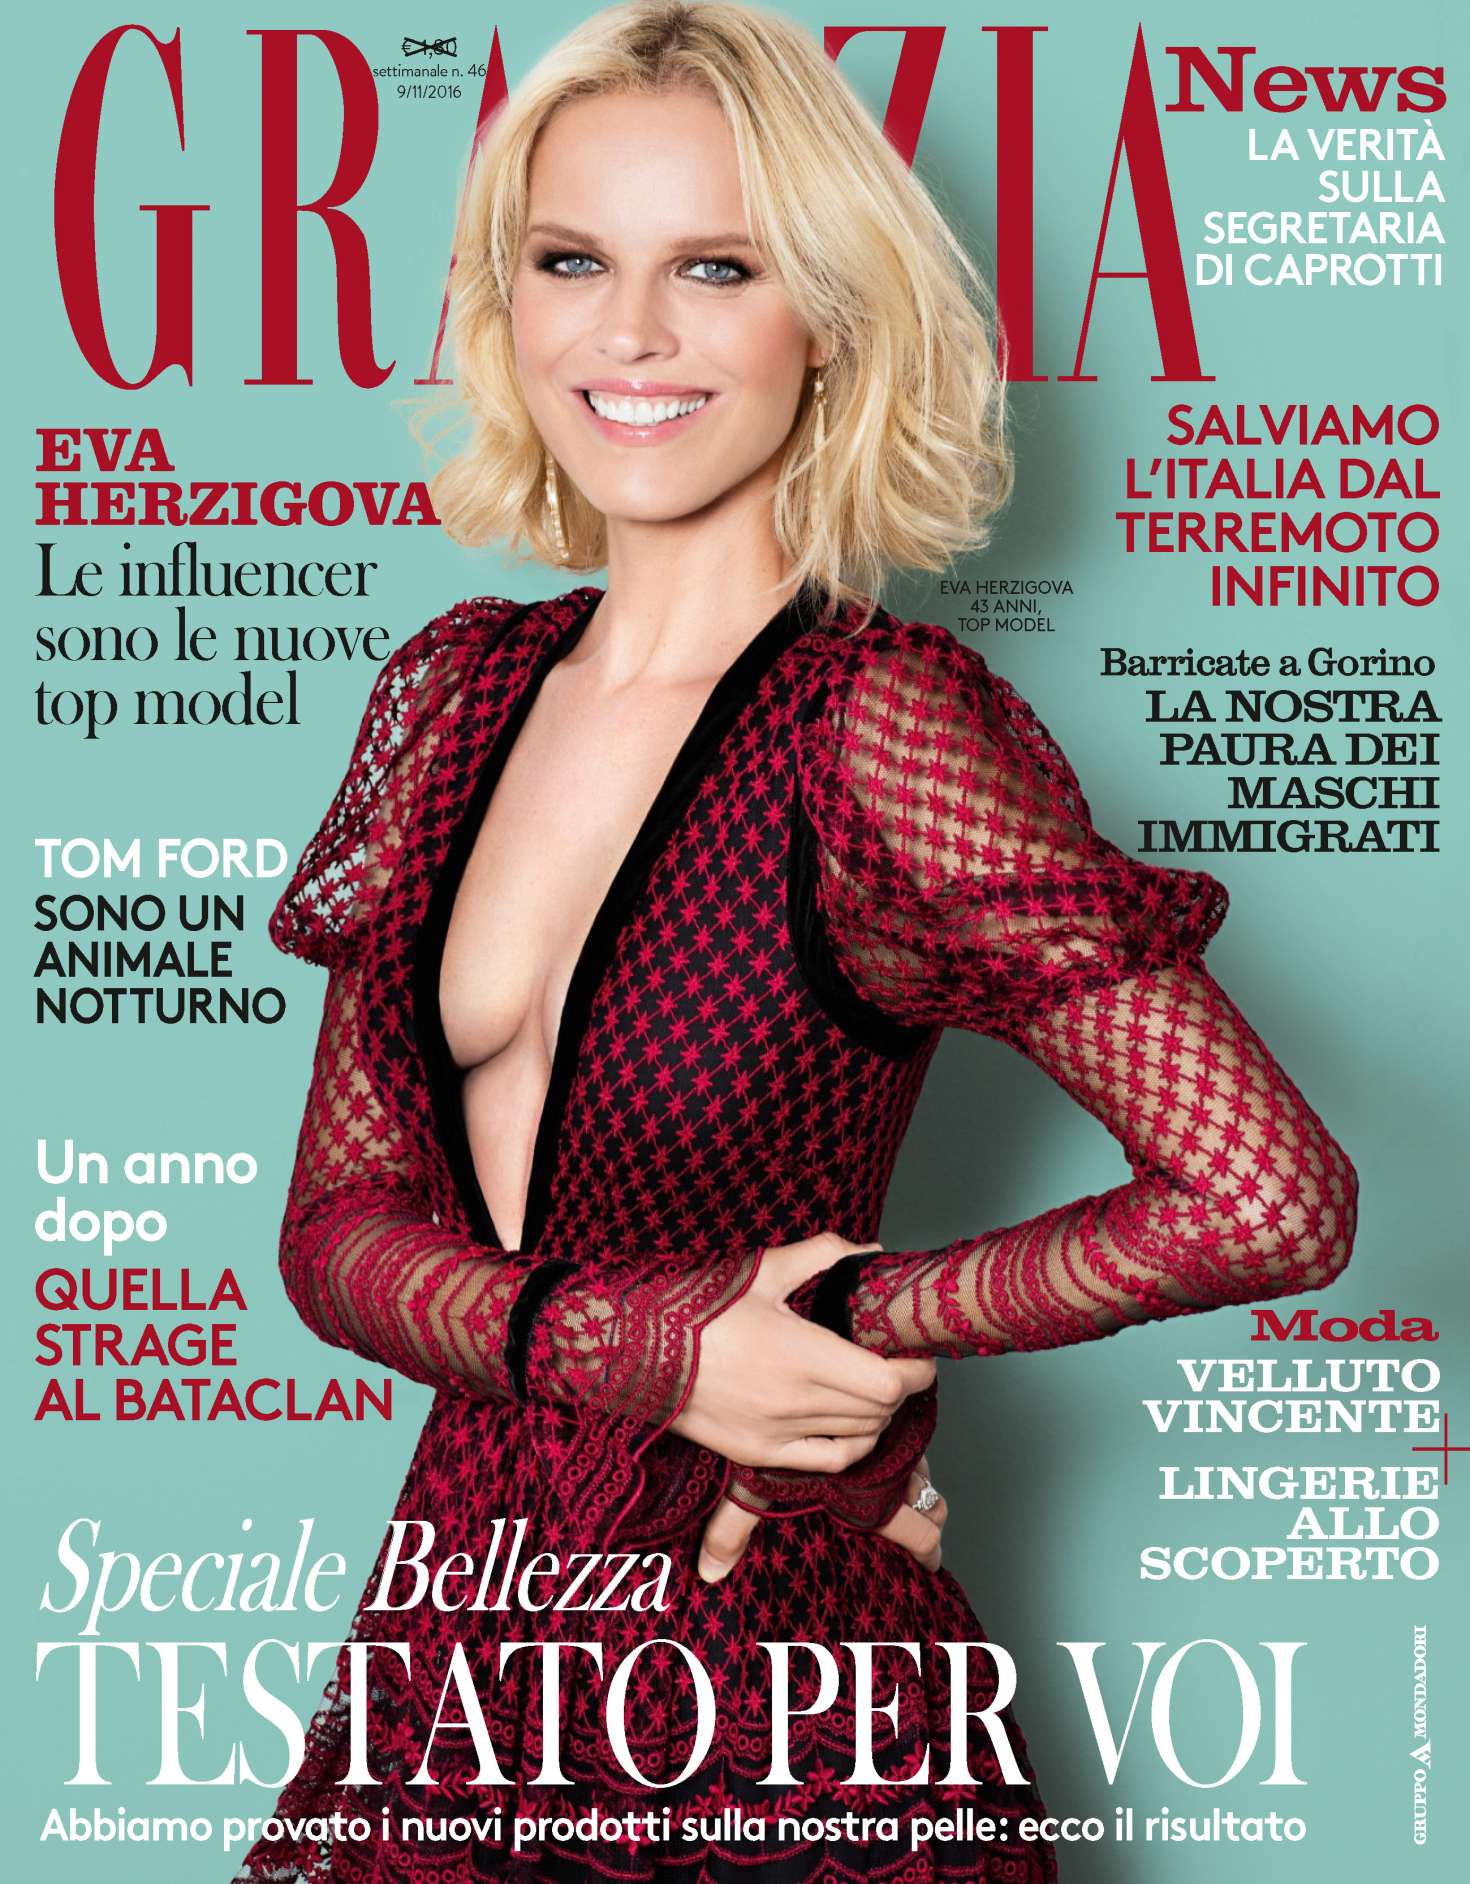 Grazia - 9 nov 2016 - Eva Herzigova - Makeup Massimo Serini